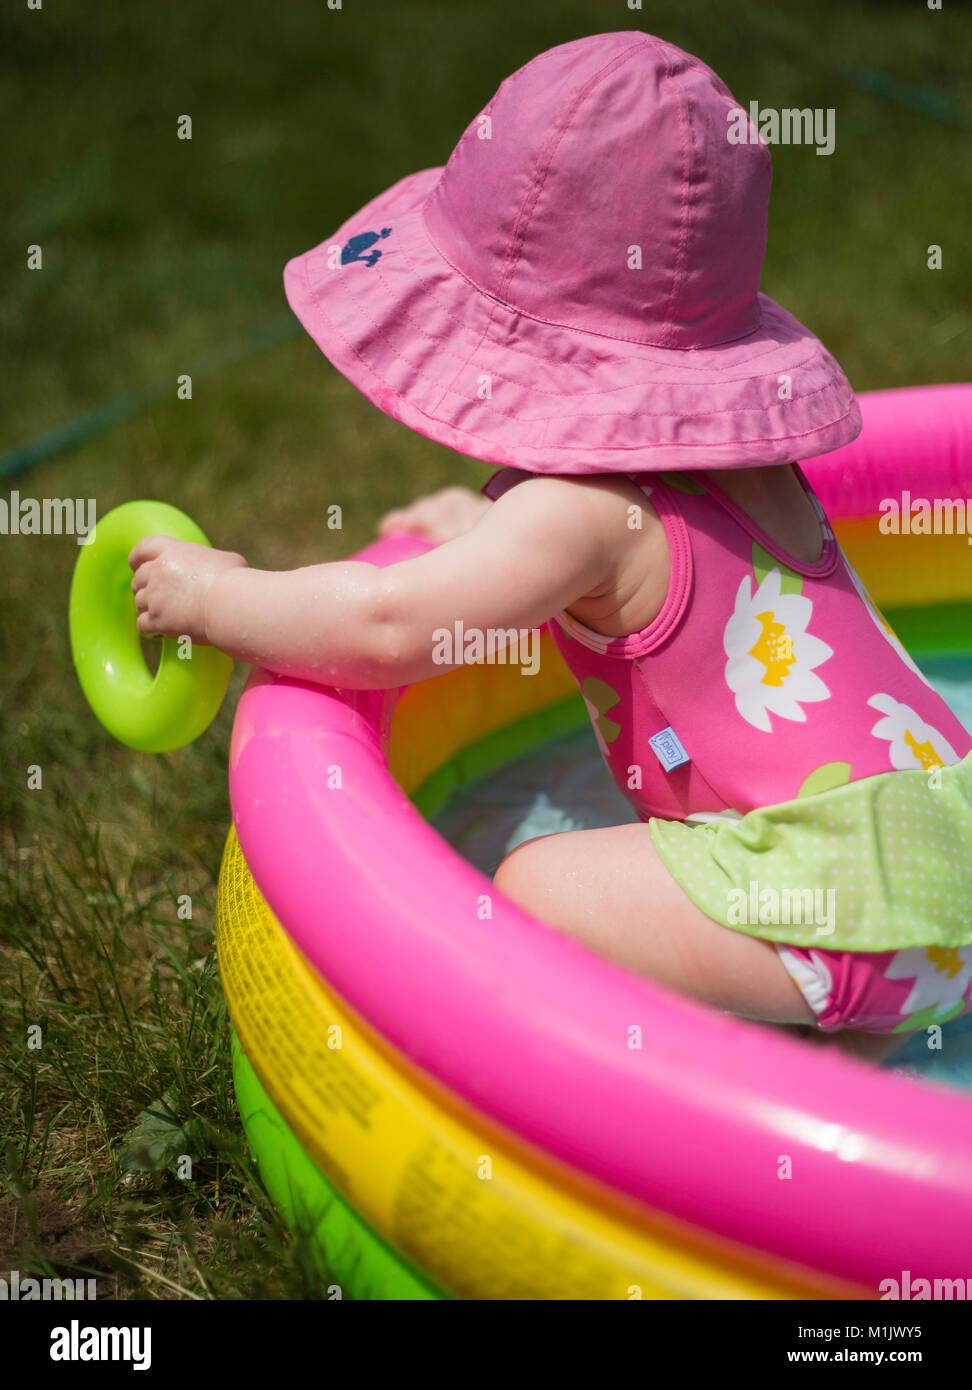 En rose bébé Hat jouant dans piscine pour enfants Photo Stock